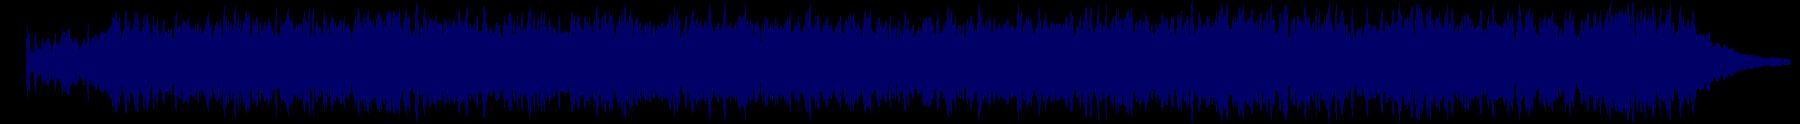 waveform of track #76001